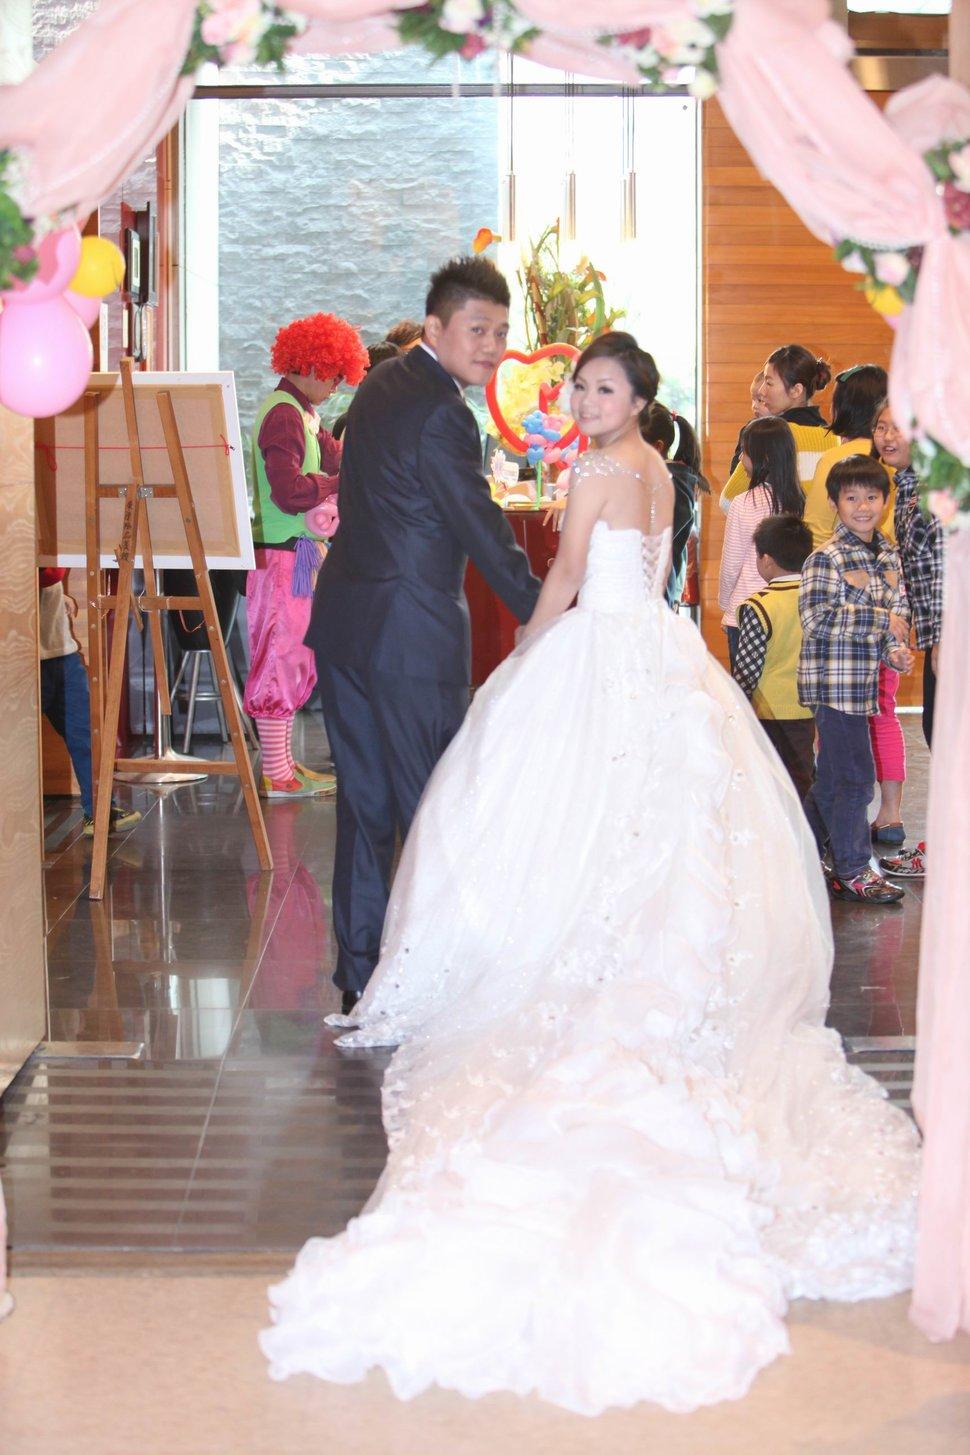 結婚迎娶午宴東達極品美饌結婚迎娶婚禮記錄動態微電影錄影專業錄影(編號:194206) - 蜜月拍照10800錄影12800攝影團隊 - 結婚吧